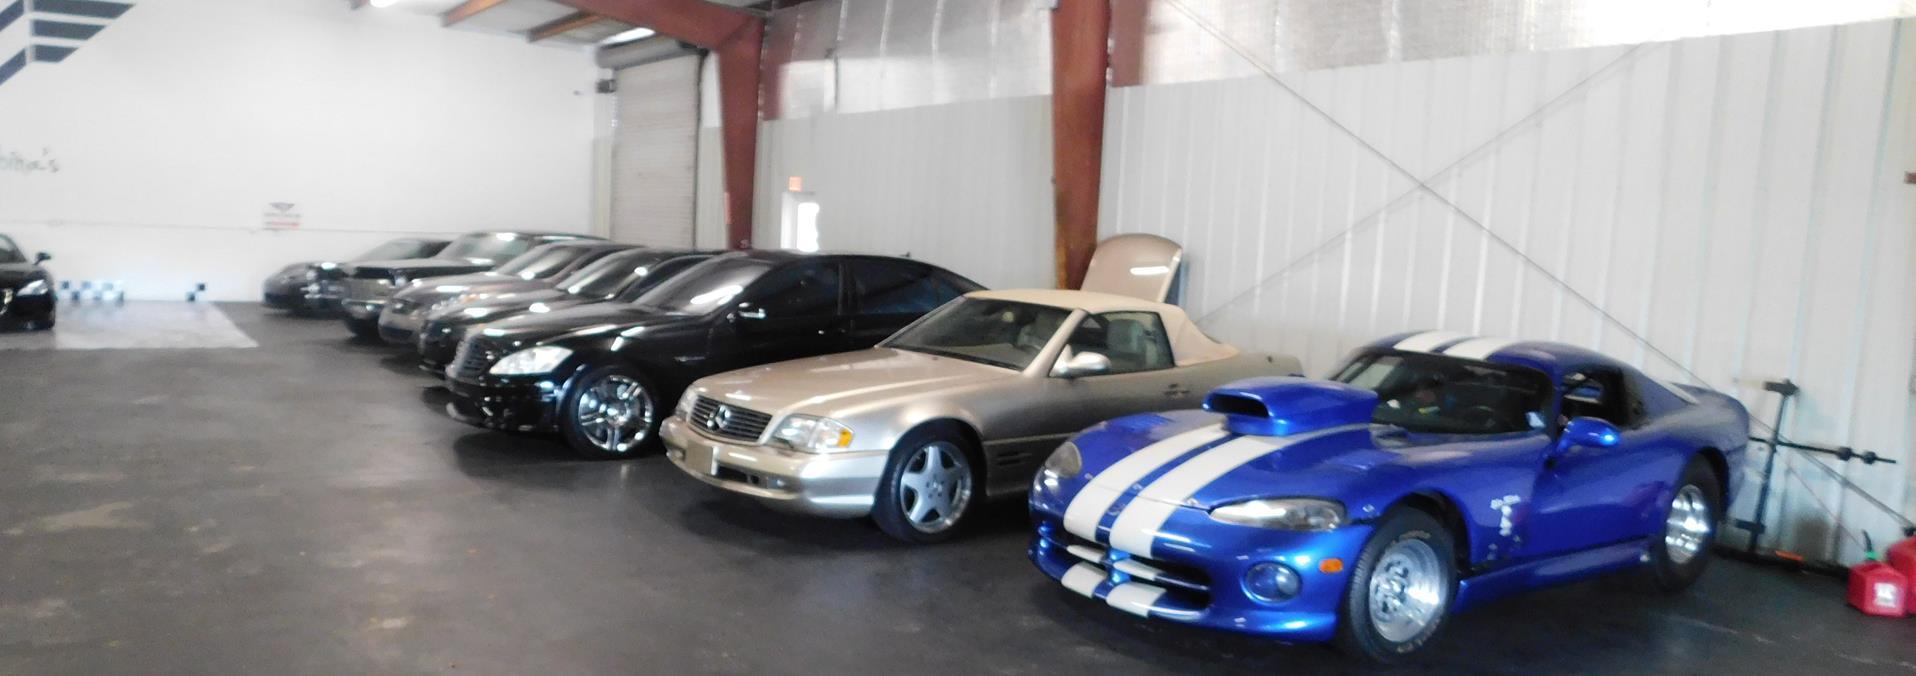 Tampa Jaguar Used Car Sales